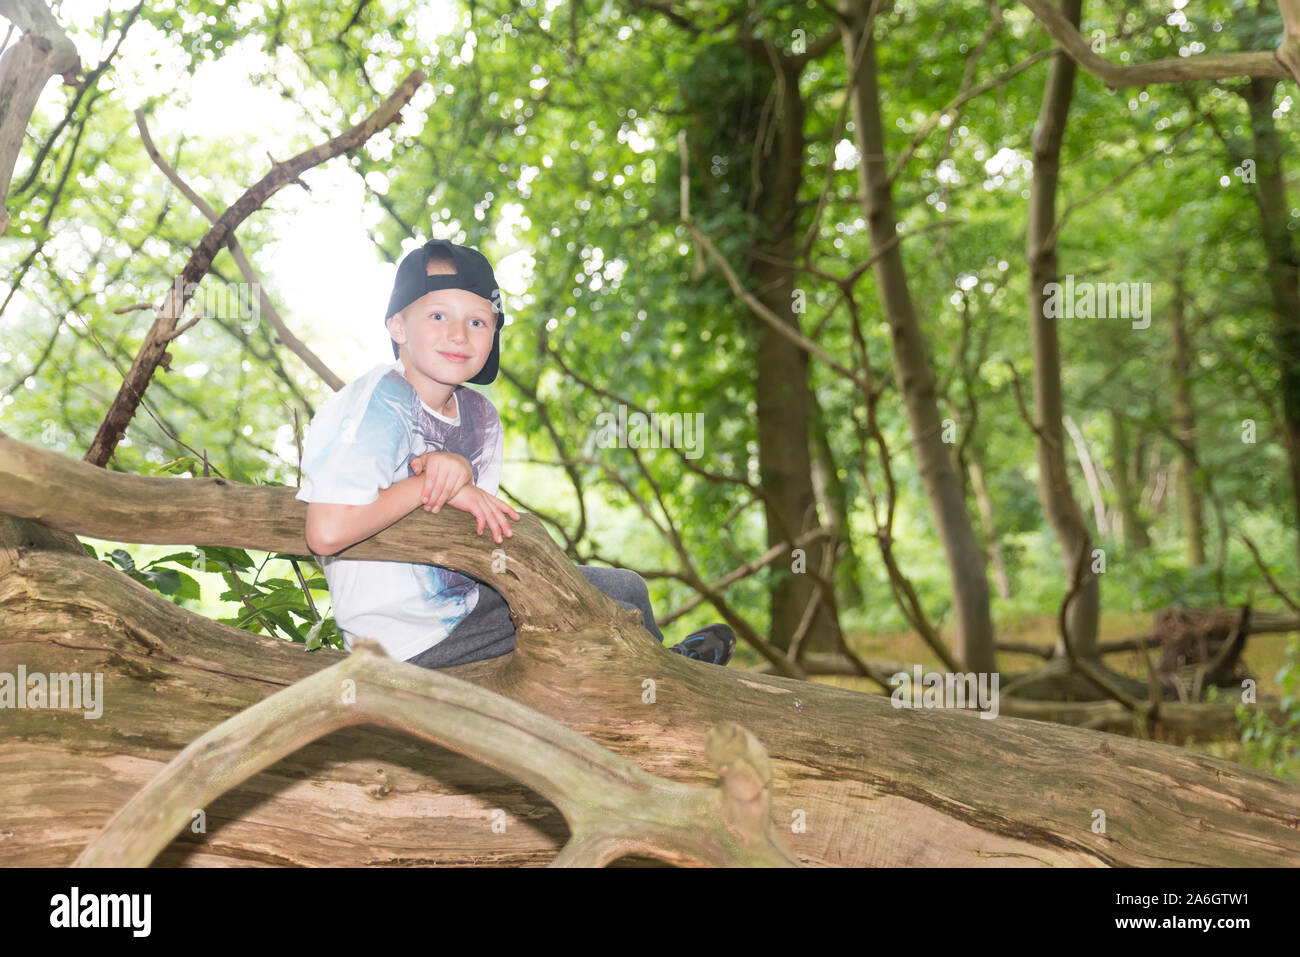 Un poco impertinente muchacho sentado en un maizal llevaba una gorra de béisbol, aunque fuera jugando con amigos Foto de stock